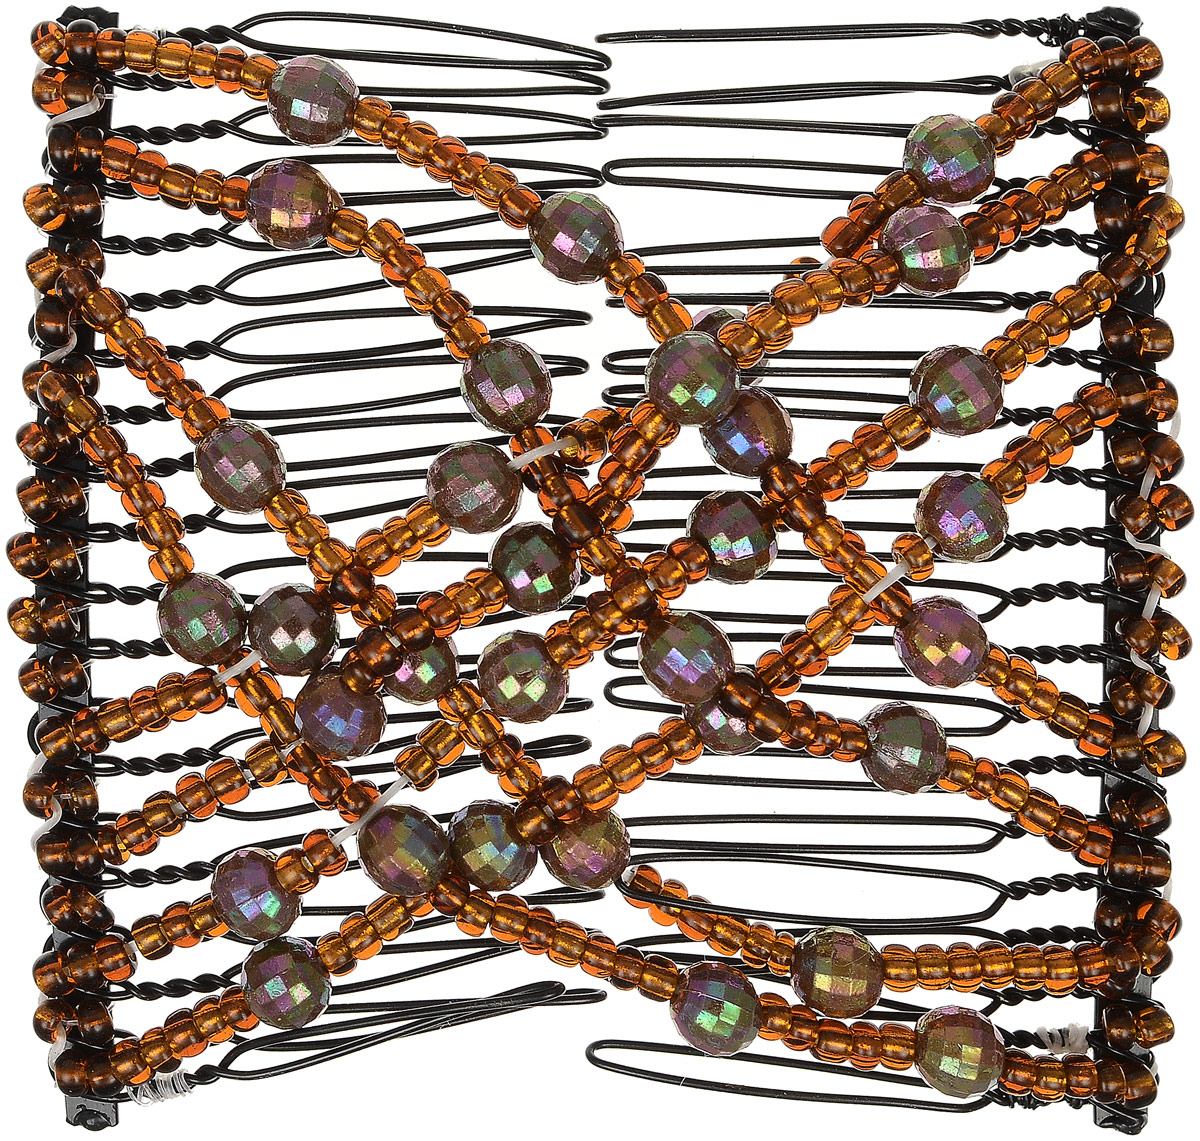 EZ-Combs Заколка Изи-Комбс, одинарная, цвет: коричневый. ЗИО_перламутрЗИО_коричневый, перламутрУдобная и практичная EZ-Combs подходит для любого типа волос: тонких, жестких, вьющихся или прямых, и не наносит им никакого вреда. Заколка не мешает движениям головы и не создает дискомфорта, когда вы отдыхаете или управляете автомобилем. Каждый гребень имеет по 20 зубьев для надежной фиксации заколки на волосах! И даже во время бега и интенсивных тренировок в спортзале EZ-Combs не падает; она прочно фиксирует прическу, сохраняя укладку в первозданном виде.Небольшая и легкая заколка для волос EZ-Combs поместится в любой дамской сумочке, позволяя быстро и без особых усилий создавать неповторимые прически там, где вам это удобно. Гребень прекрасно сочетается с любой одеждой: будь это классический или спортивный стиль, завершая гармоничный облик современной леди. И неважно, какой образ жизни вы ведете, если у вас есть EZ-Combs, вы всегда будете выглядеть потрясающе.